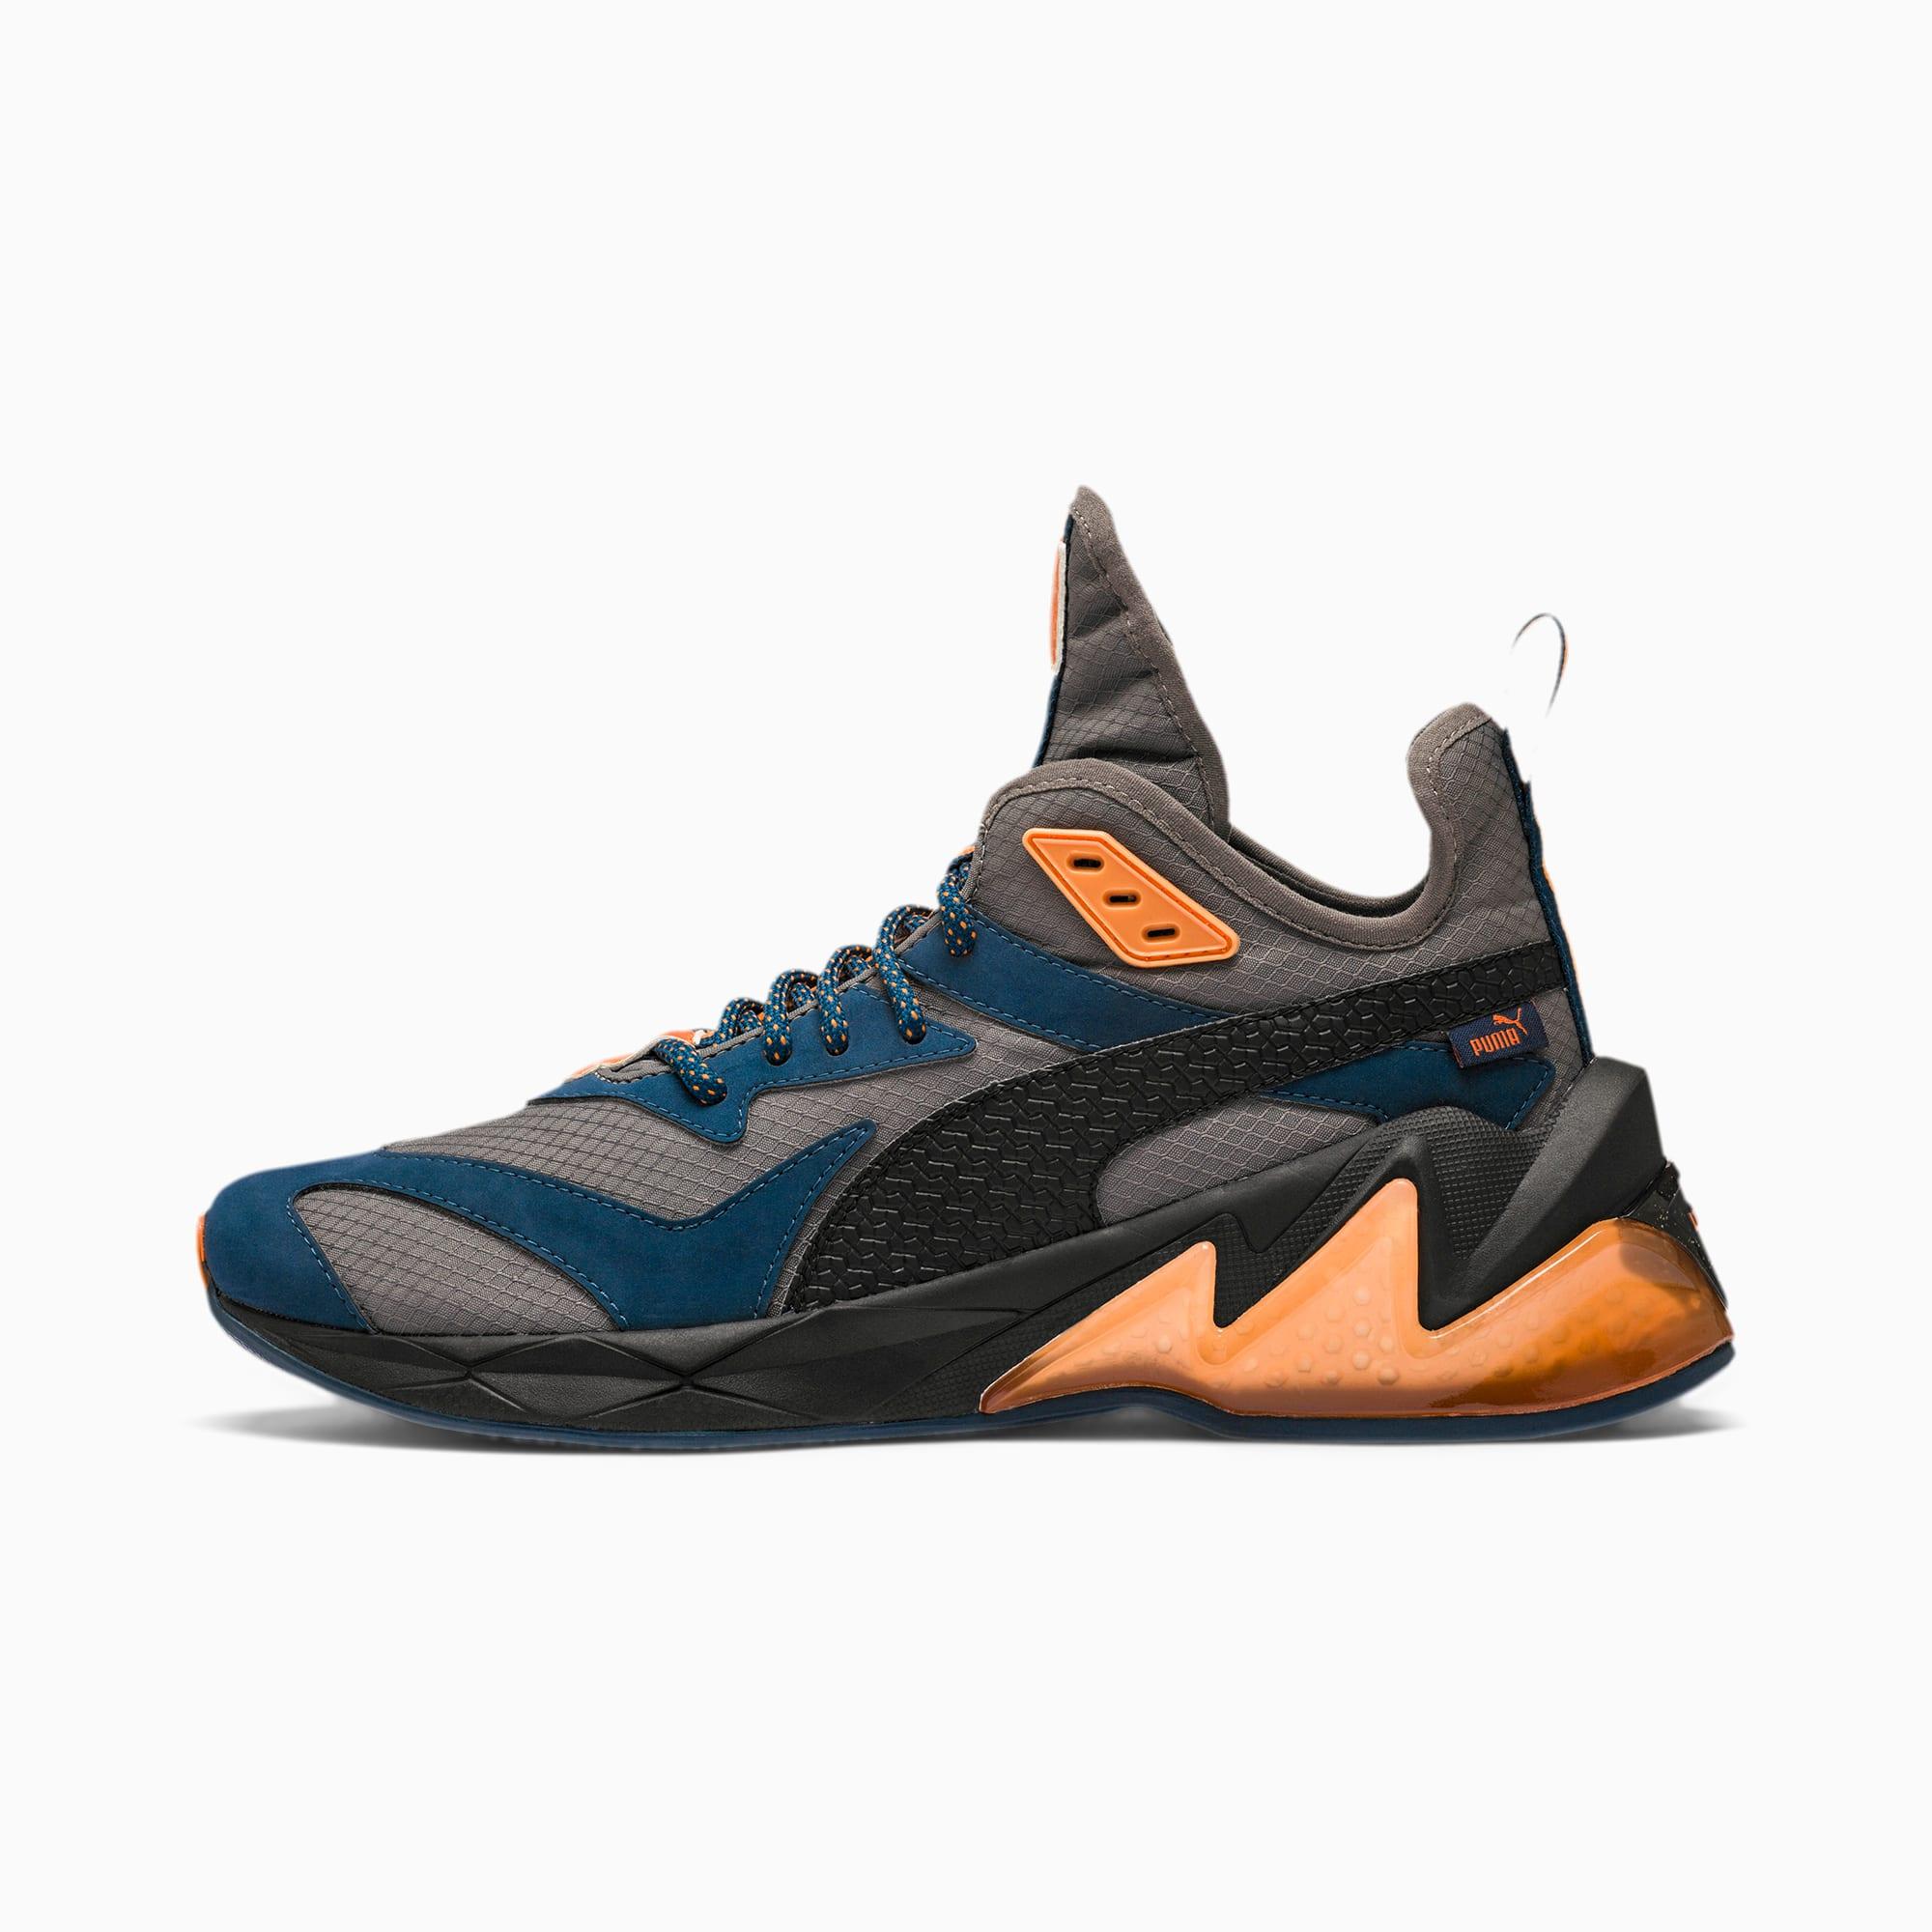 Men's Orange PUMA Shoes: